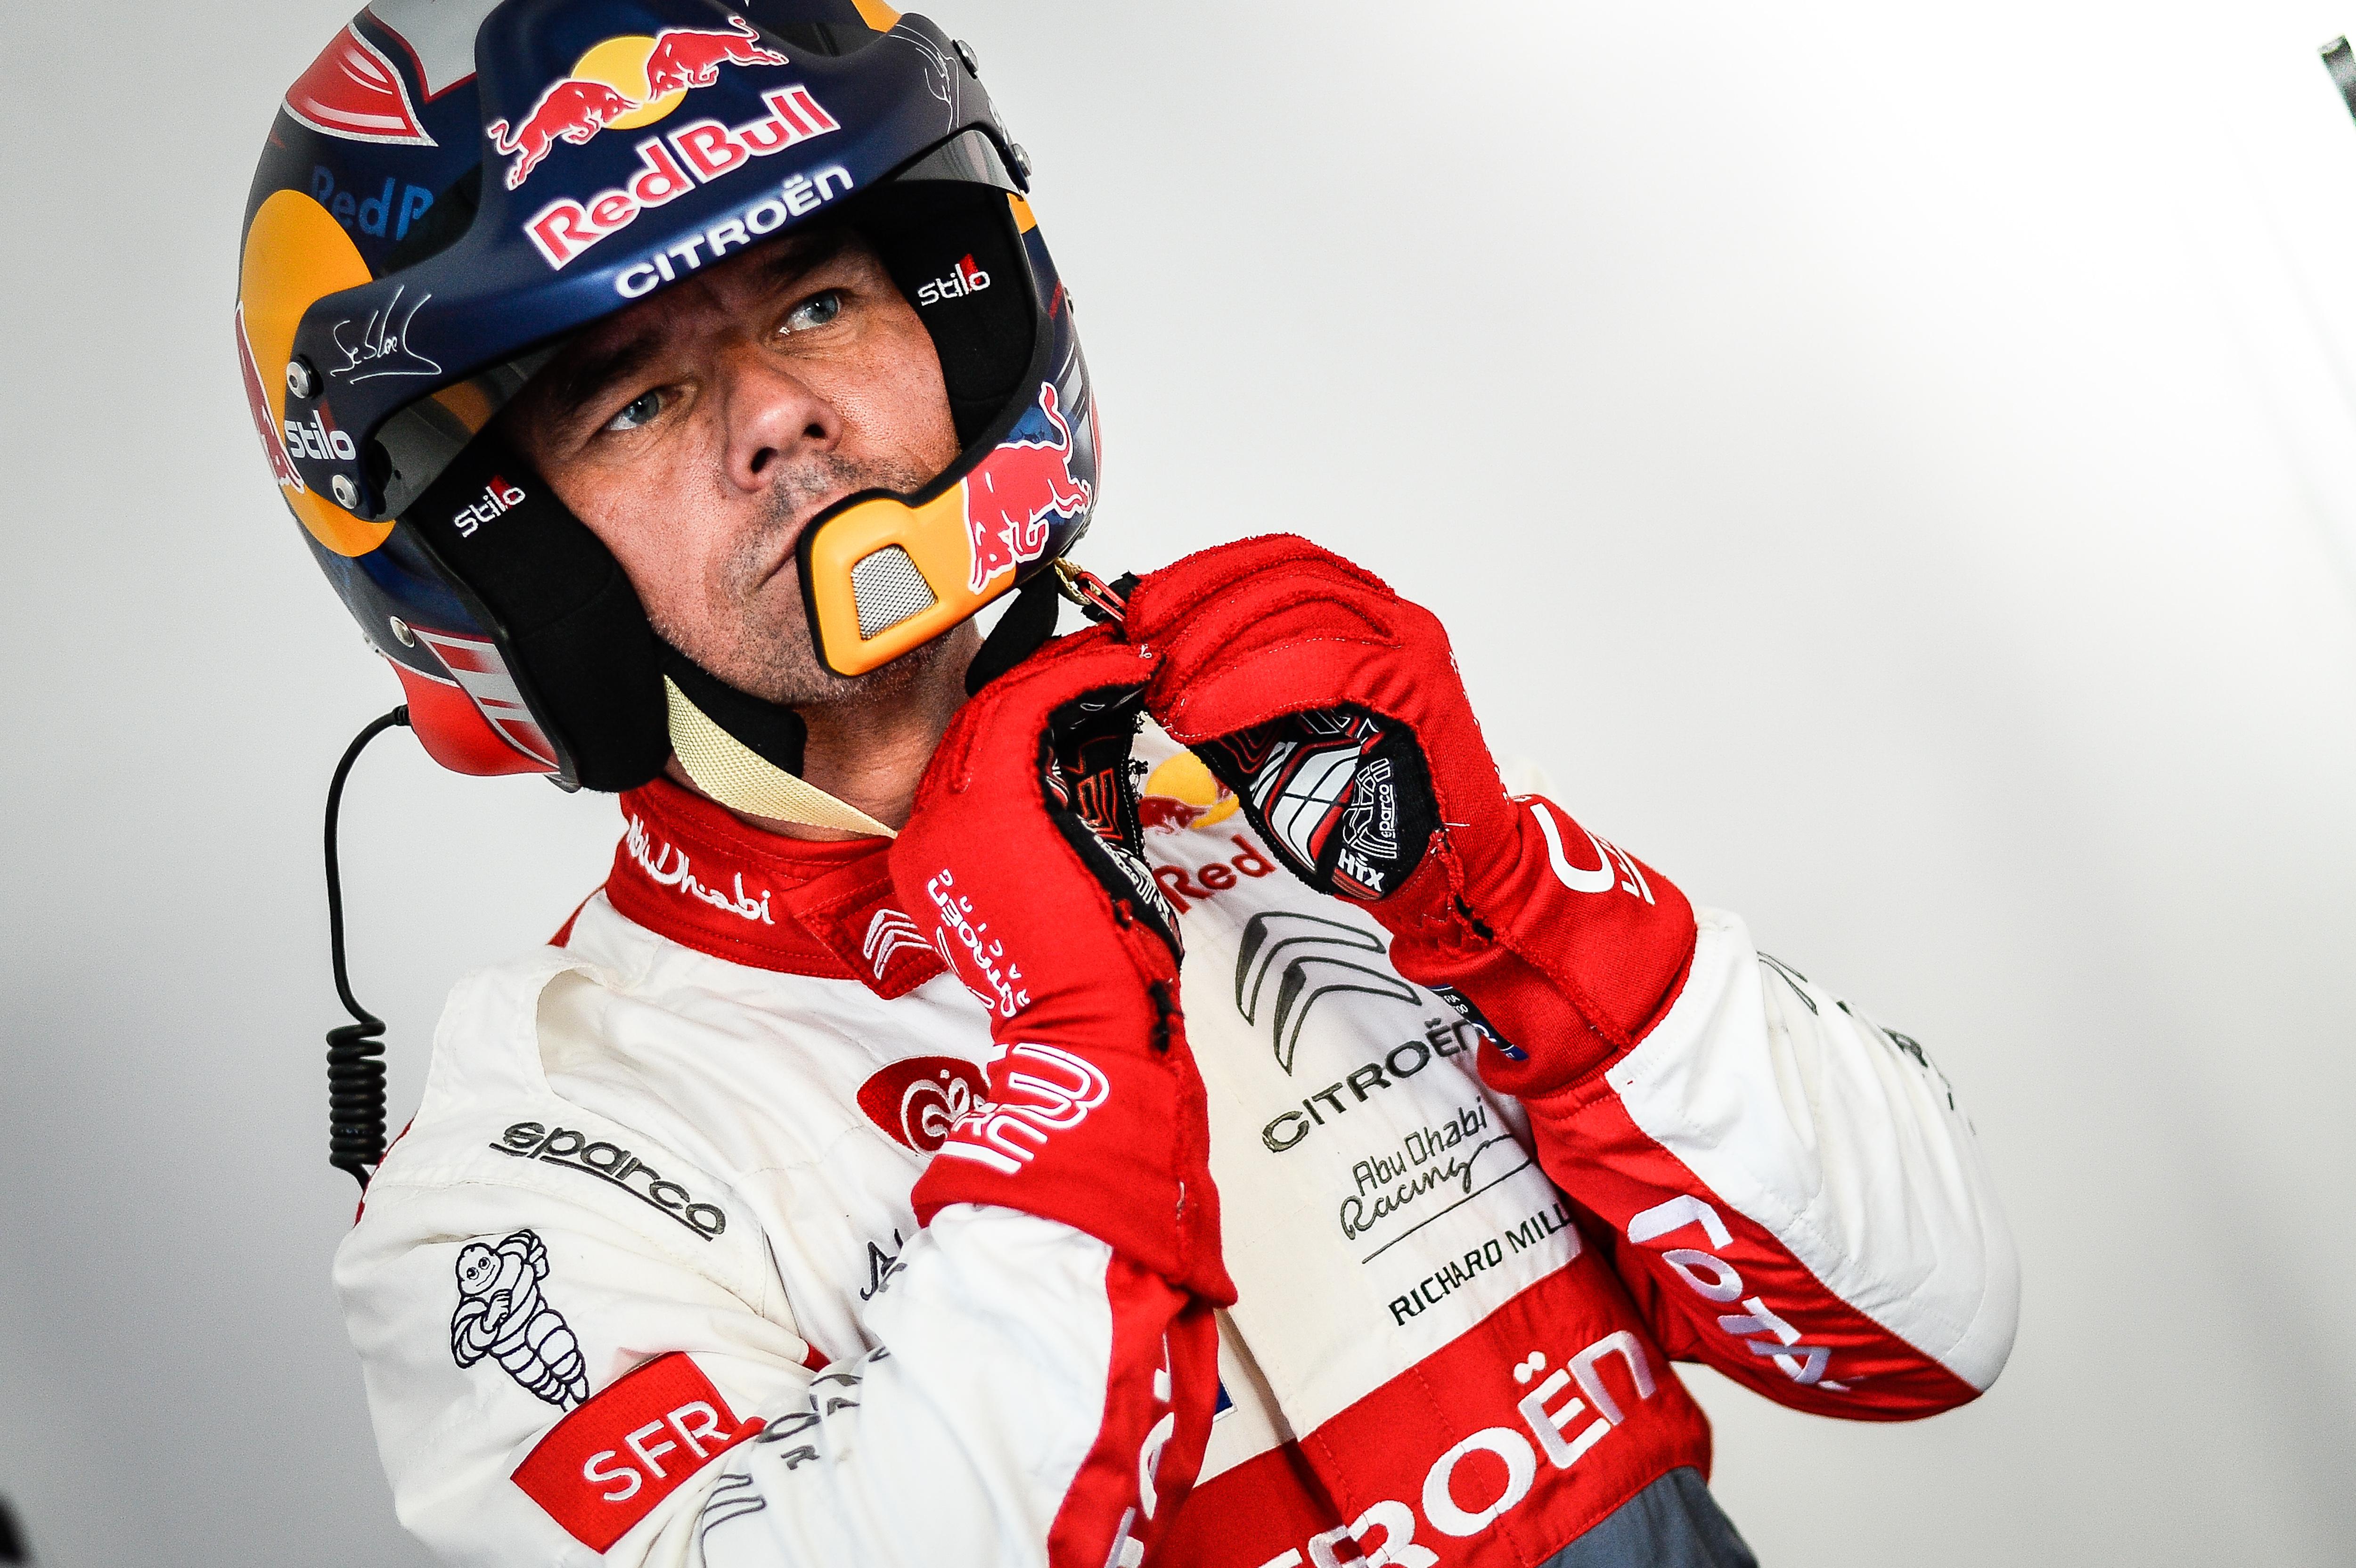 En unik konsentrasjonsevne gjorde Loeb istand til å vinne etappe etter etappe med unik millimeterpresisjon. Foto: Citroën